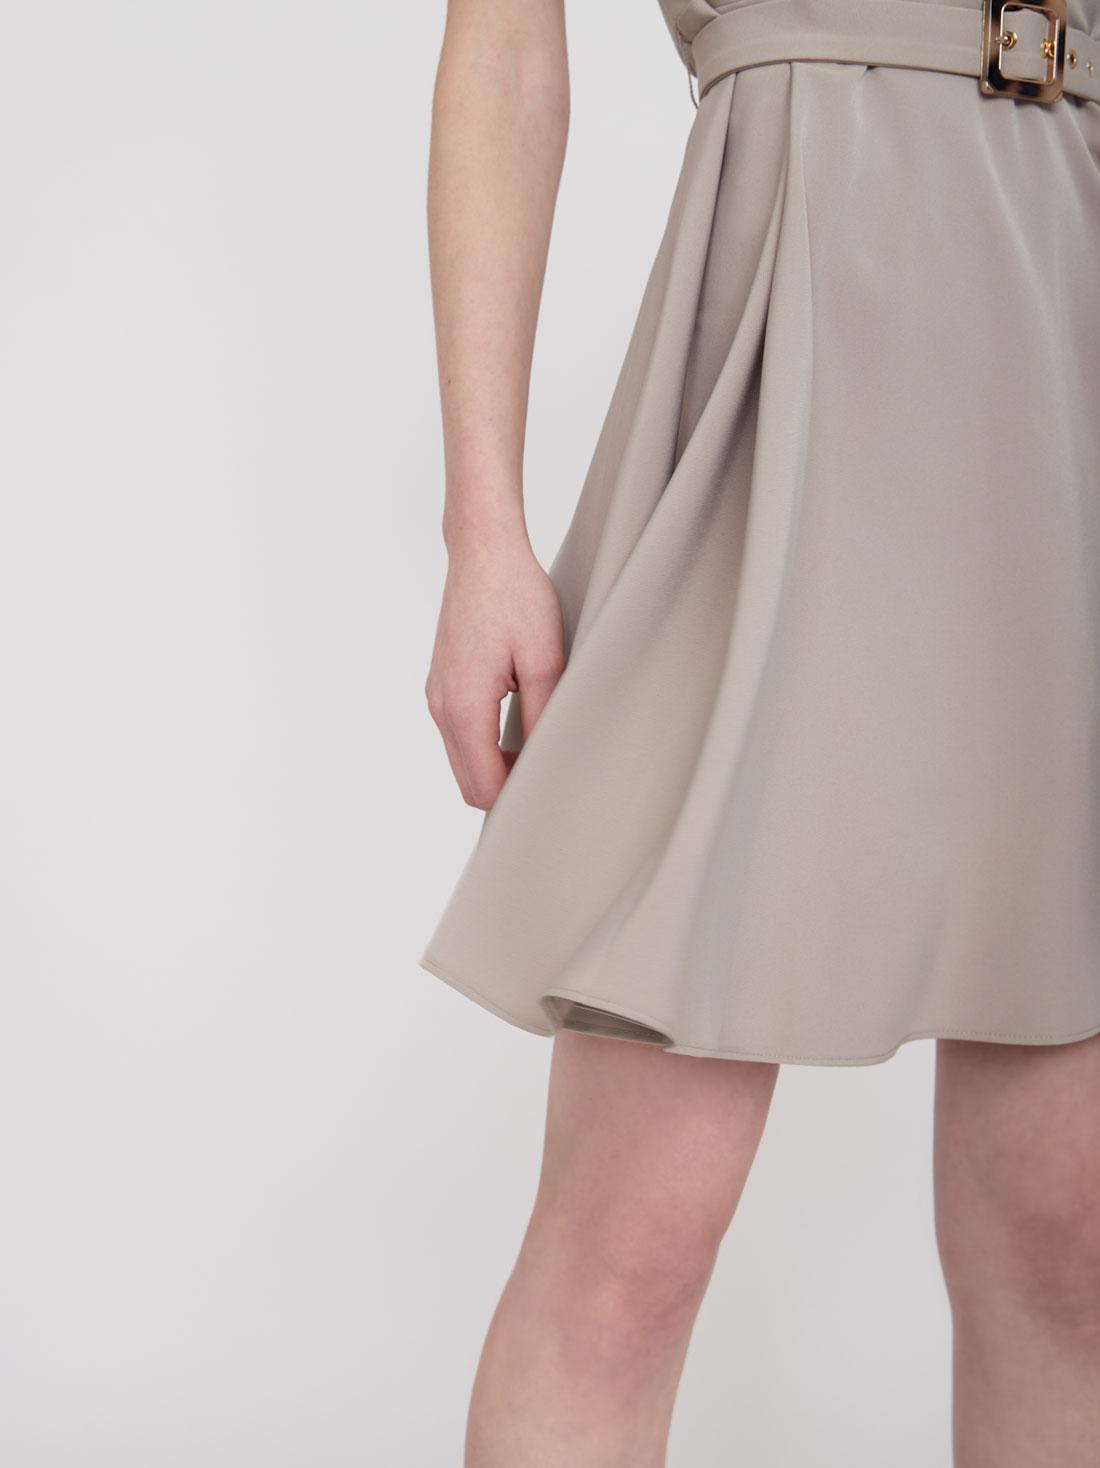 Платье Х-силуэта без рукавов